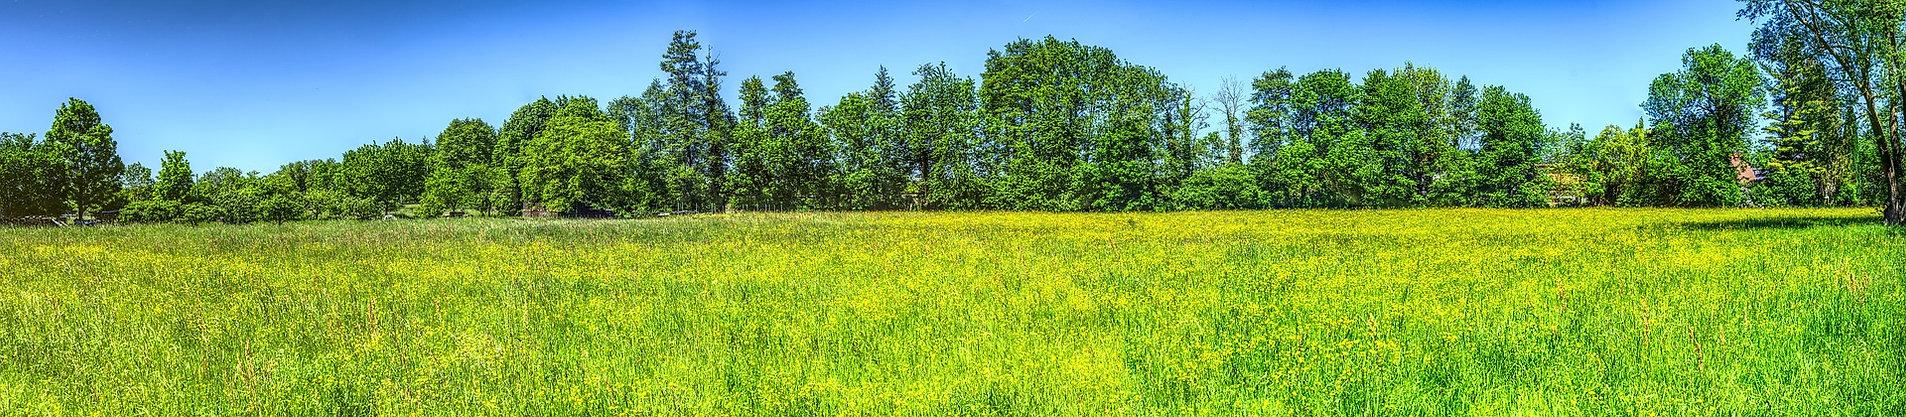 meadow-3383969_1920.jpg